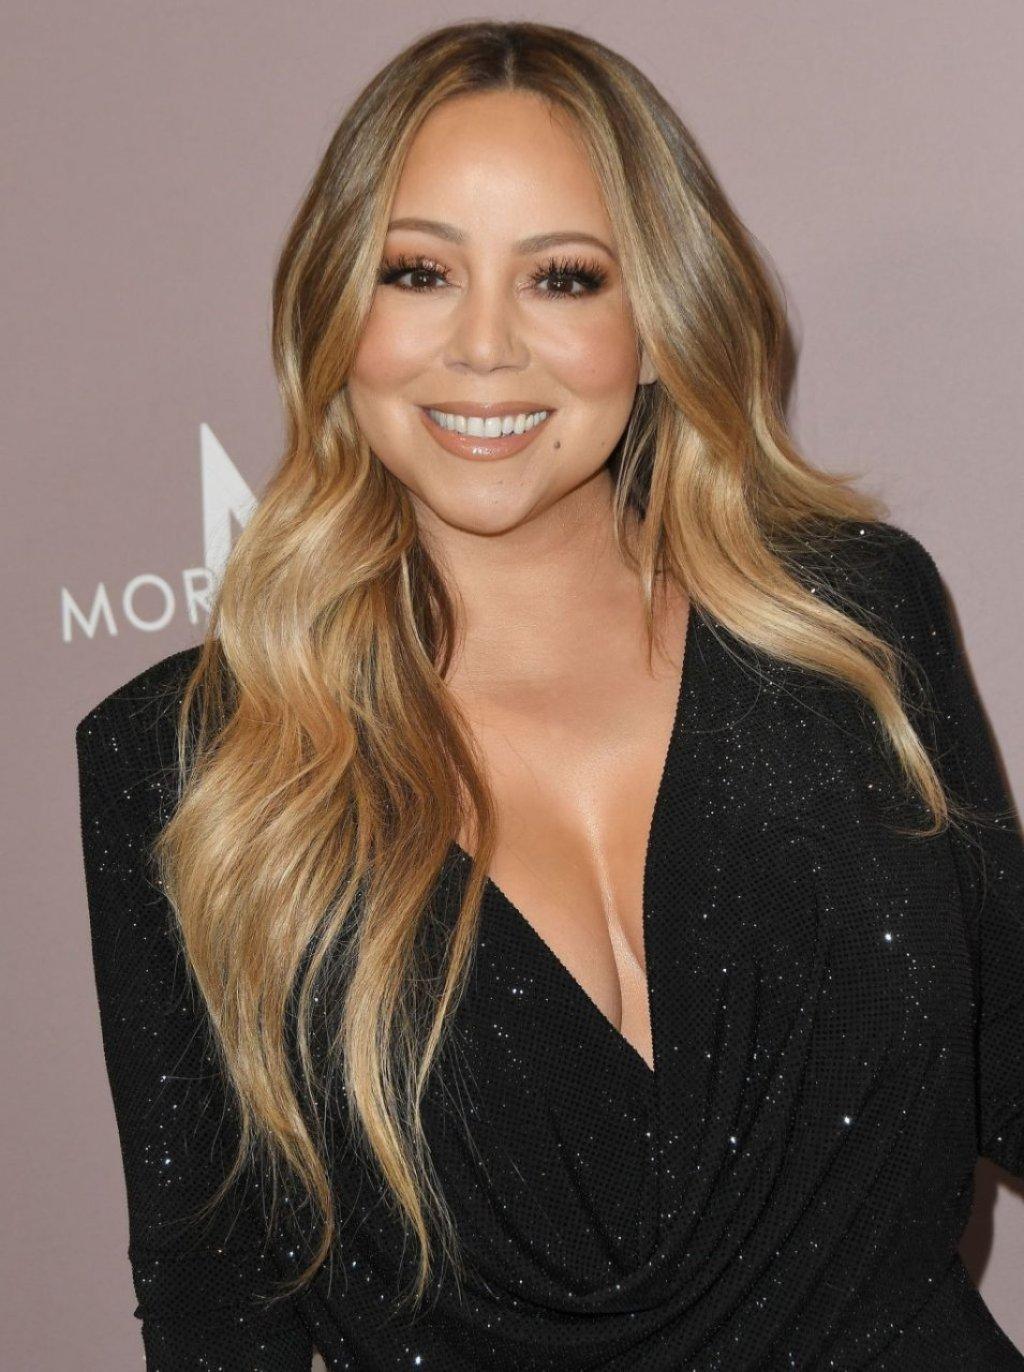 Mariah Carey Sexy (50 Photos)